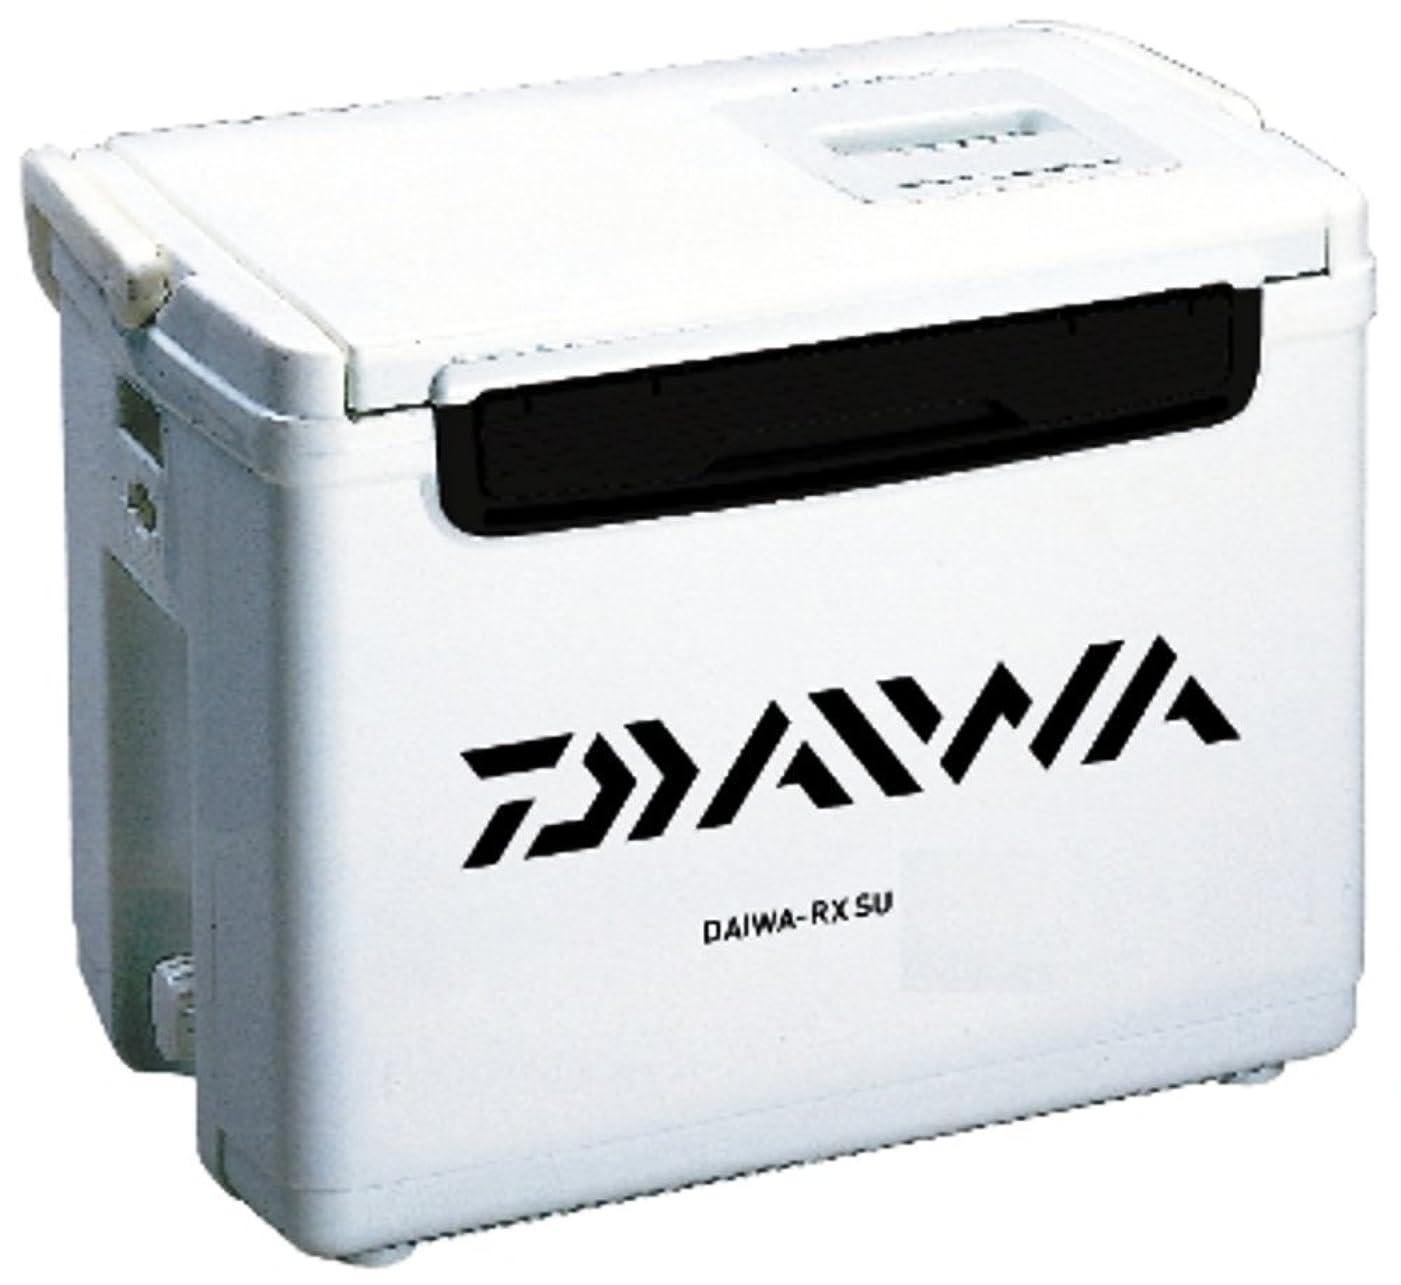 幻滅するむき出しプランテーションダイワ(Daiwa) クーラーボックス 釣り RX SU X 3200X